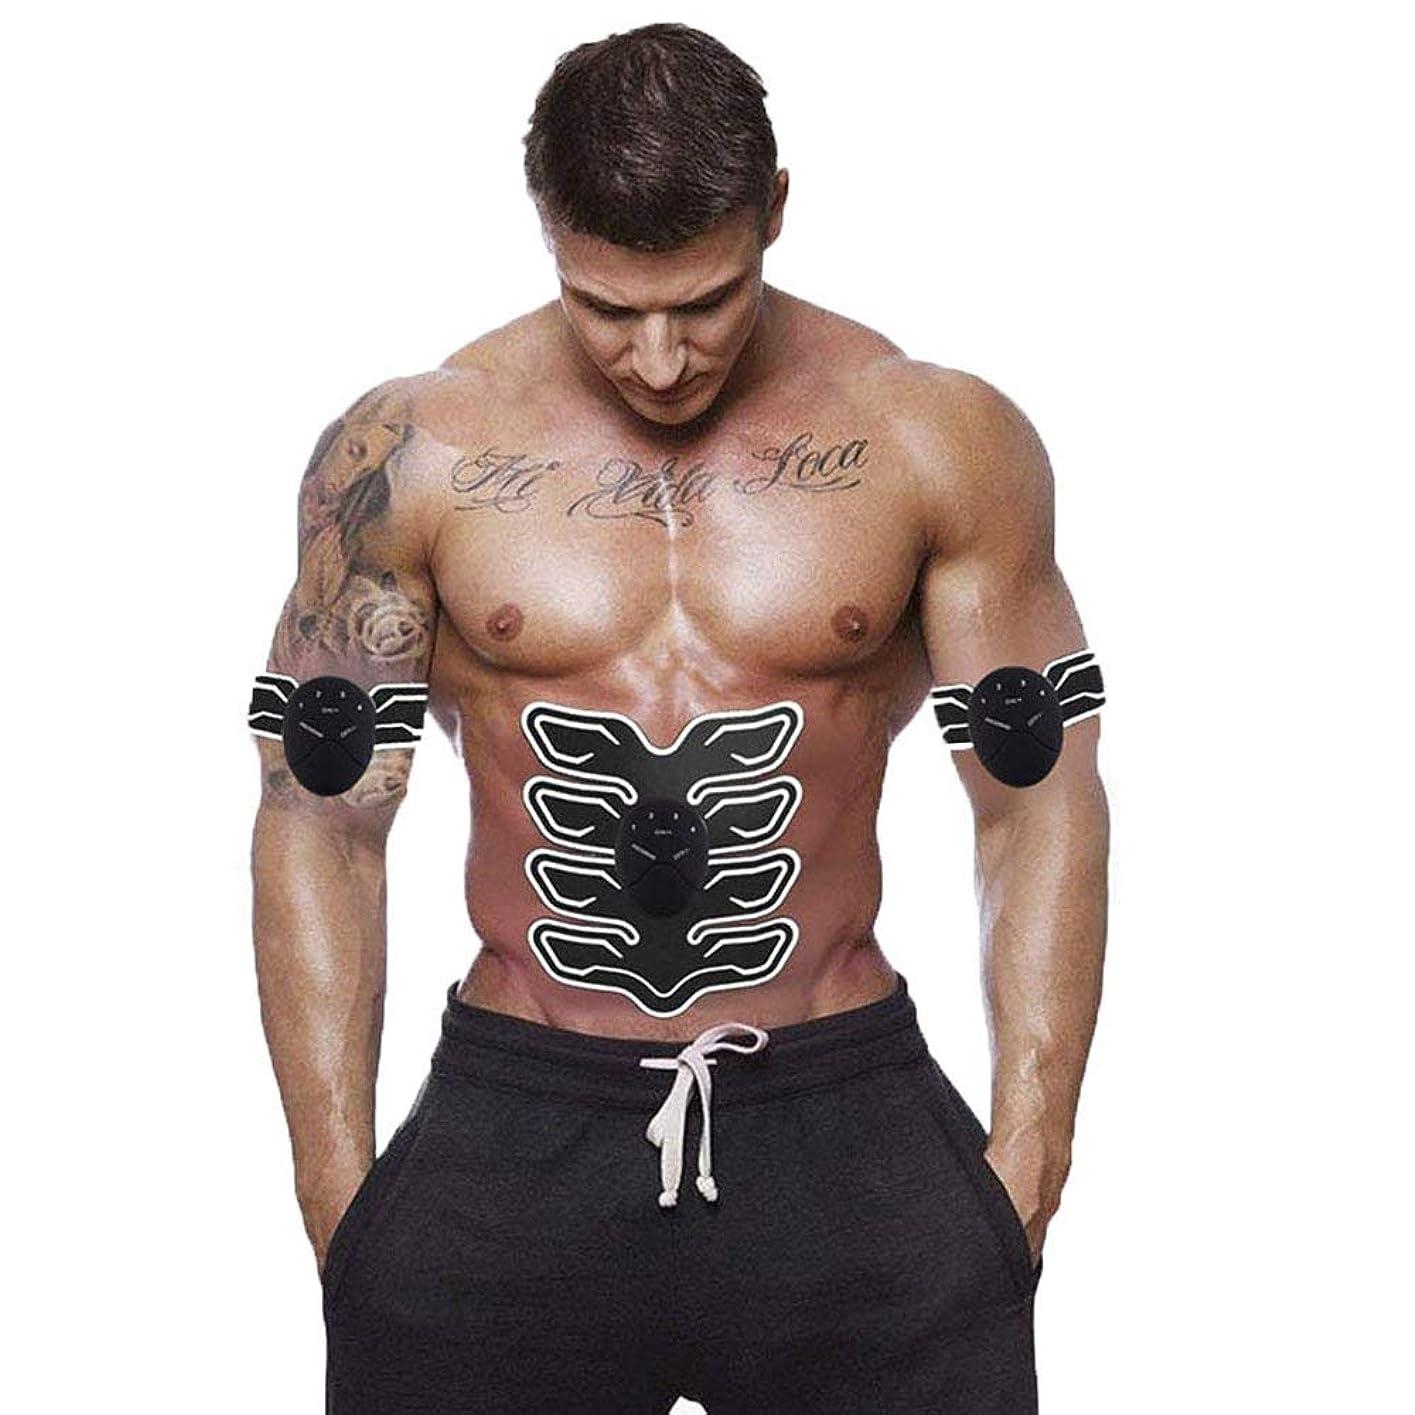 アベニュー小学生キロメートル筋肉トナー腹部調色ベルトポータブル USB 充電式ワイヤレス EMS マッサージ腹部アームレッグトレーニングのためのフィットネス機器